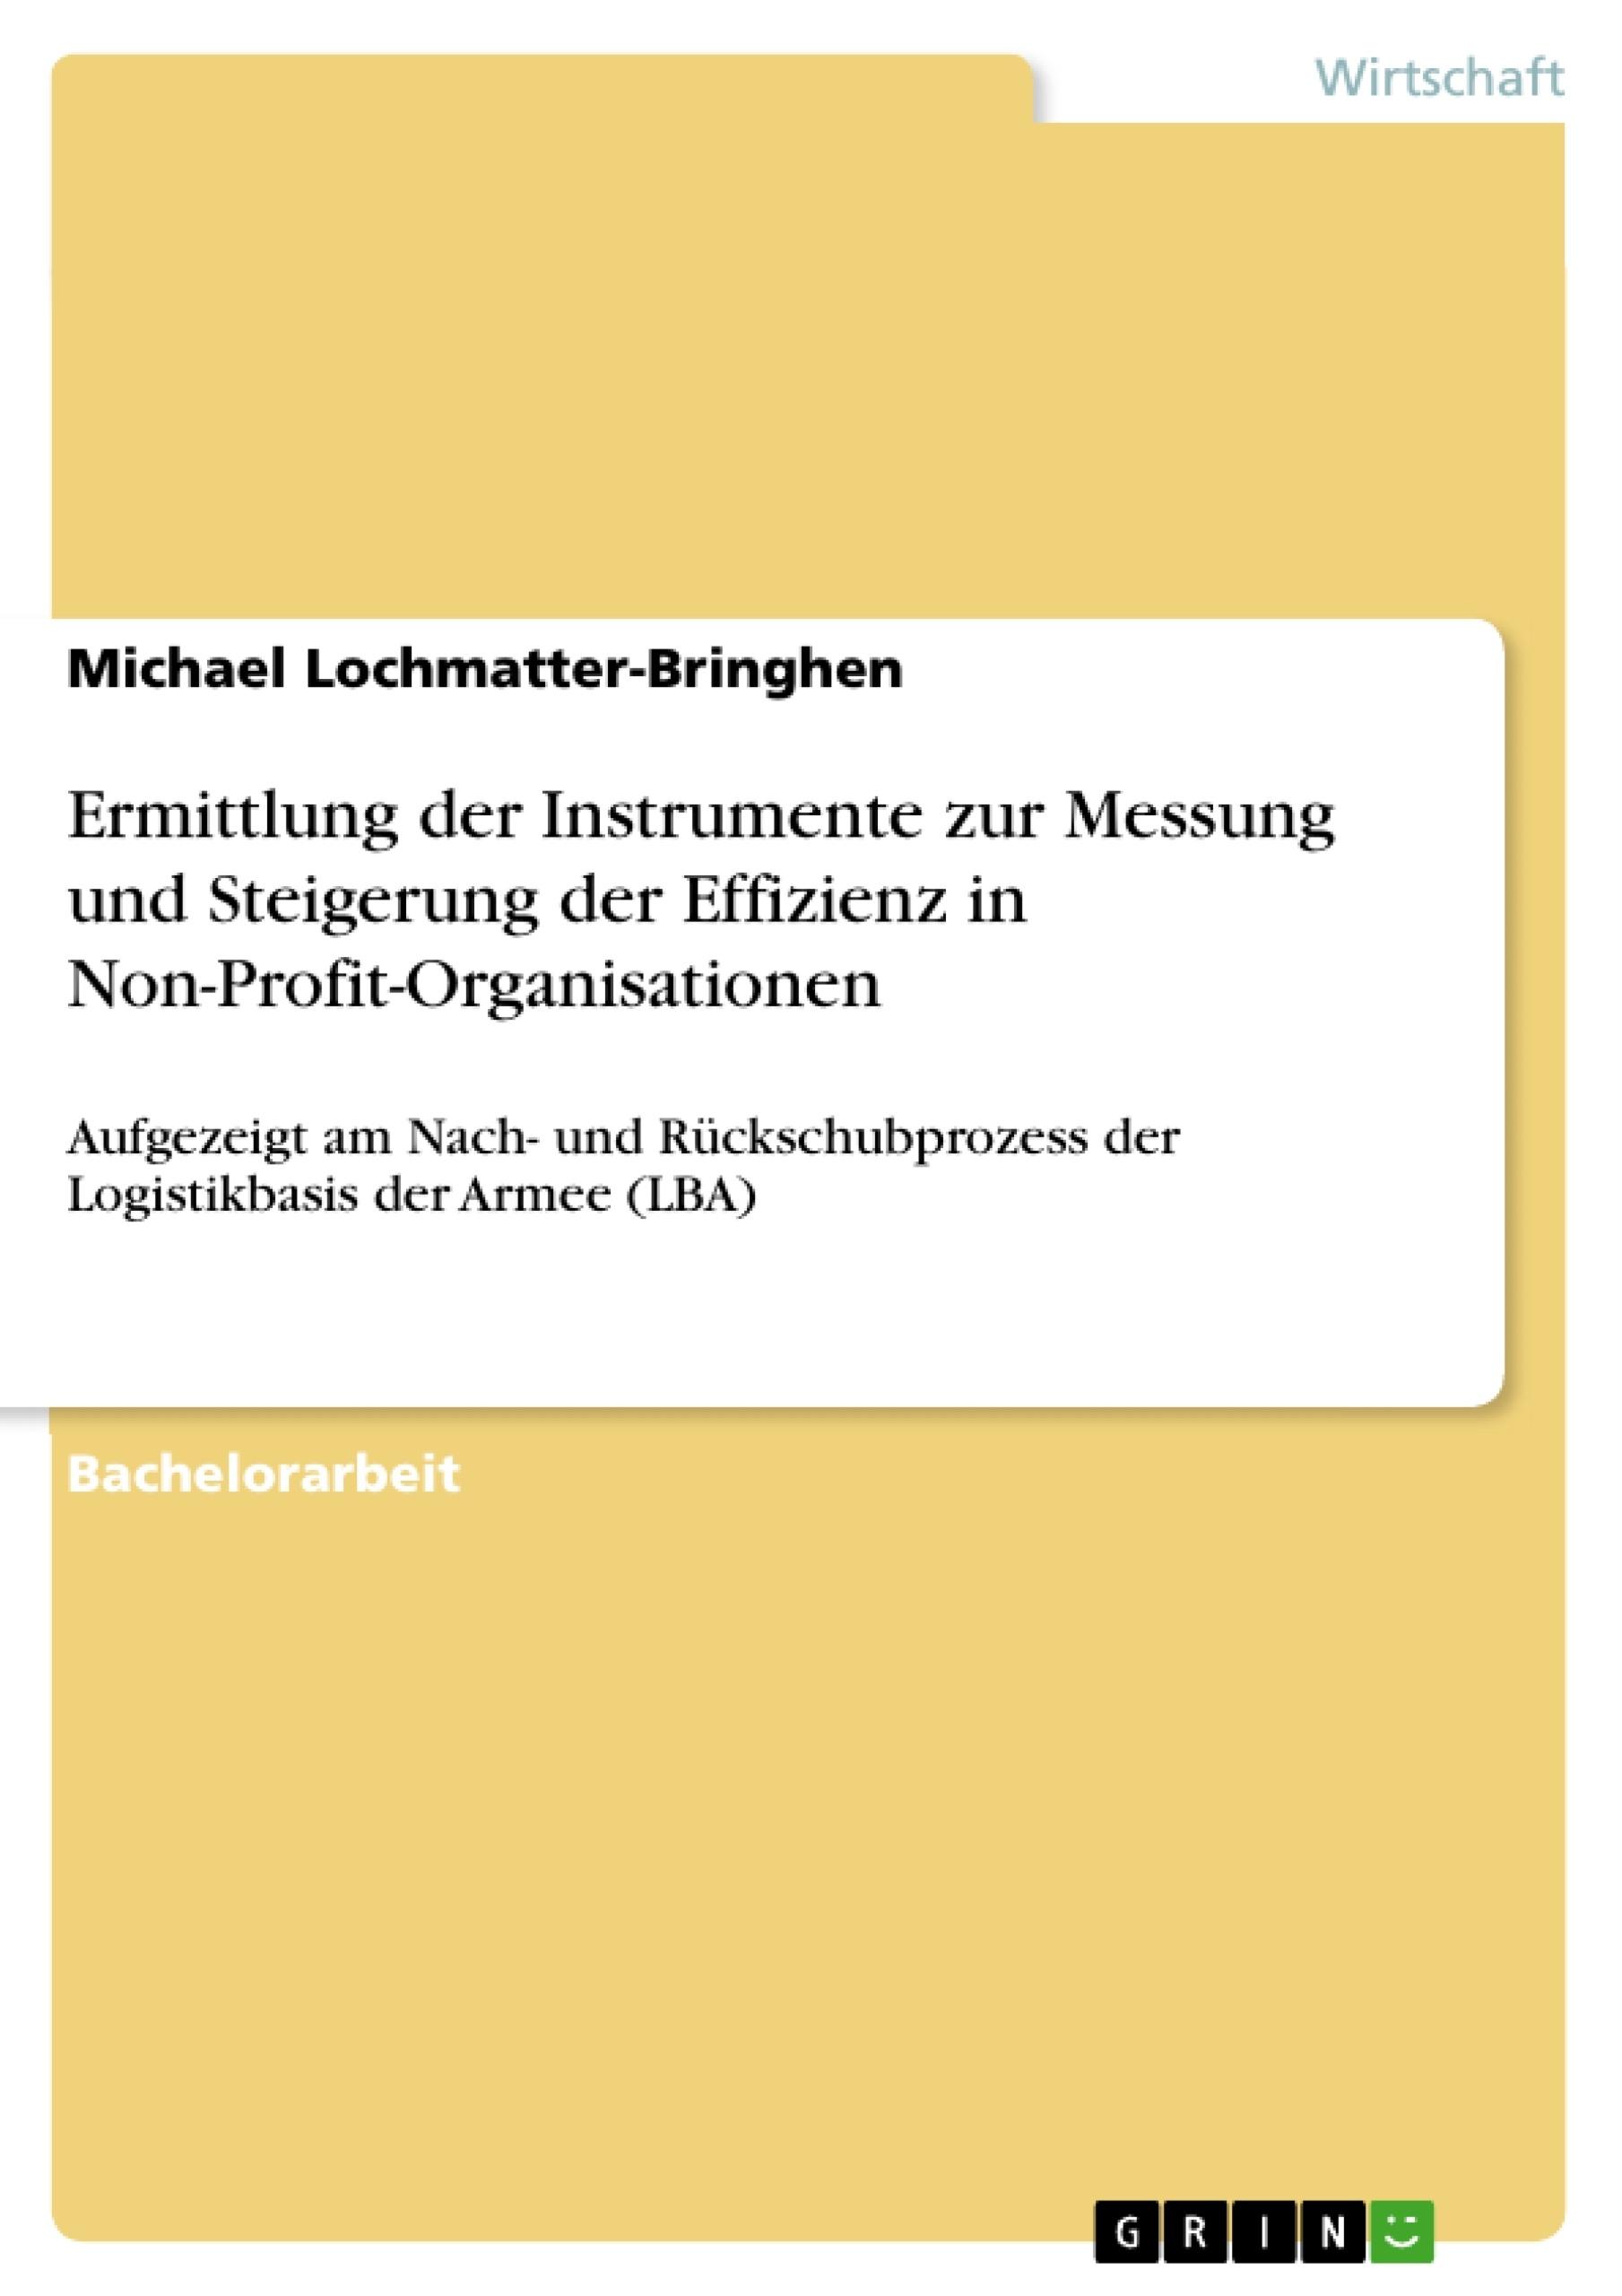 Titel: Ermittlung der Instrumente zur Messung und Steigerung der Effizienz in Non-Profit-Organisationen